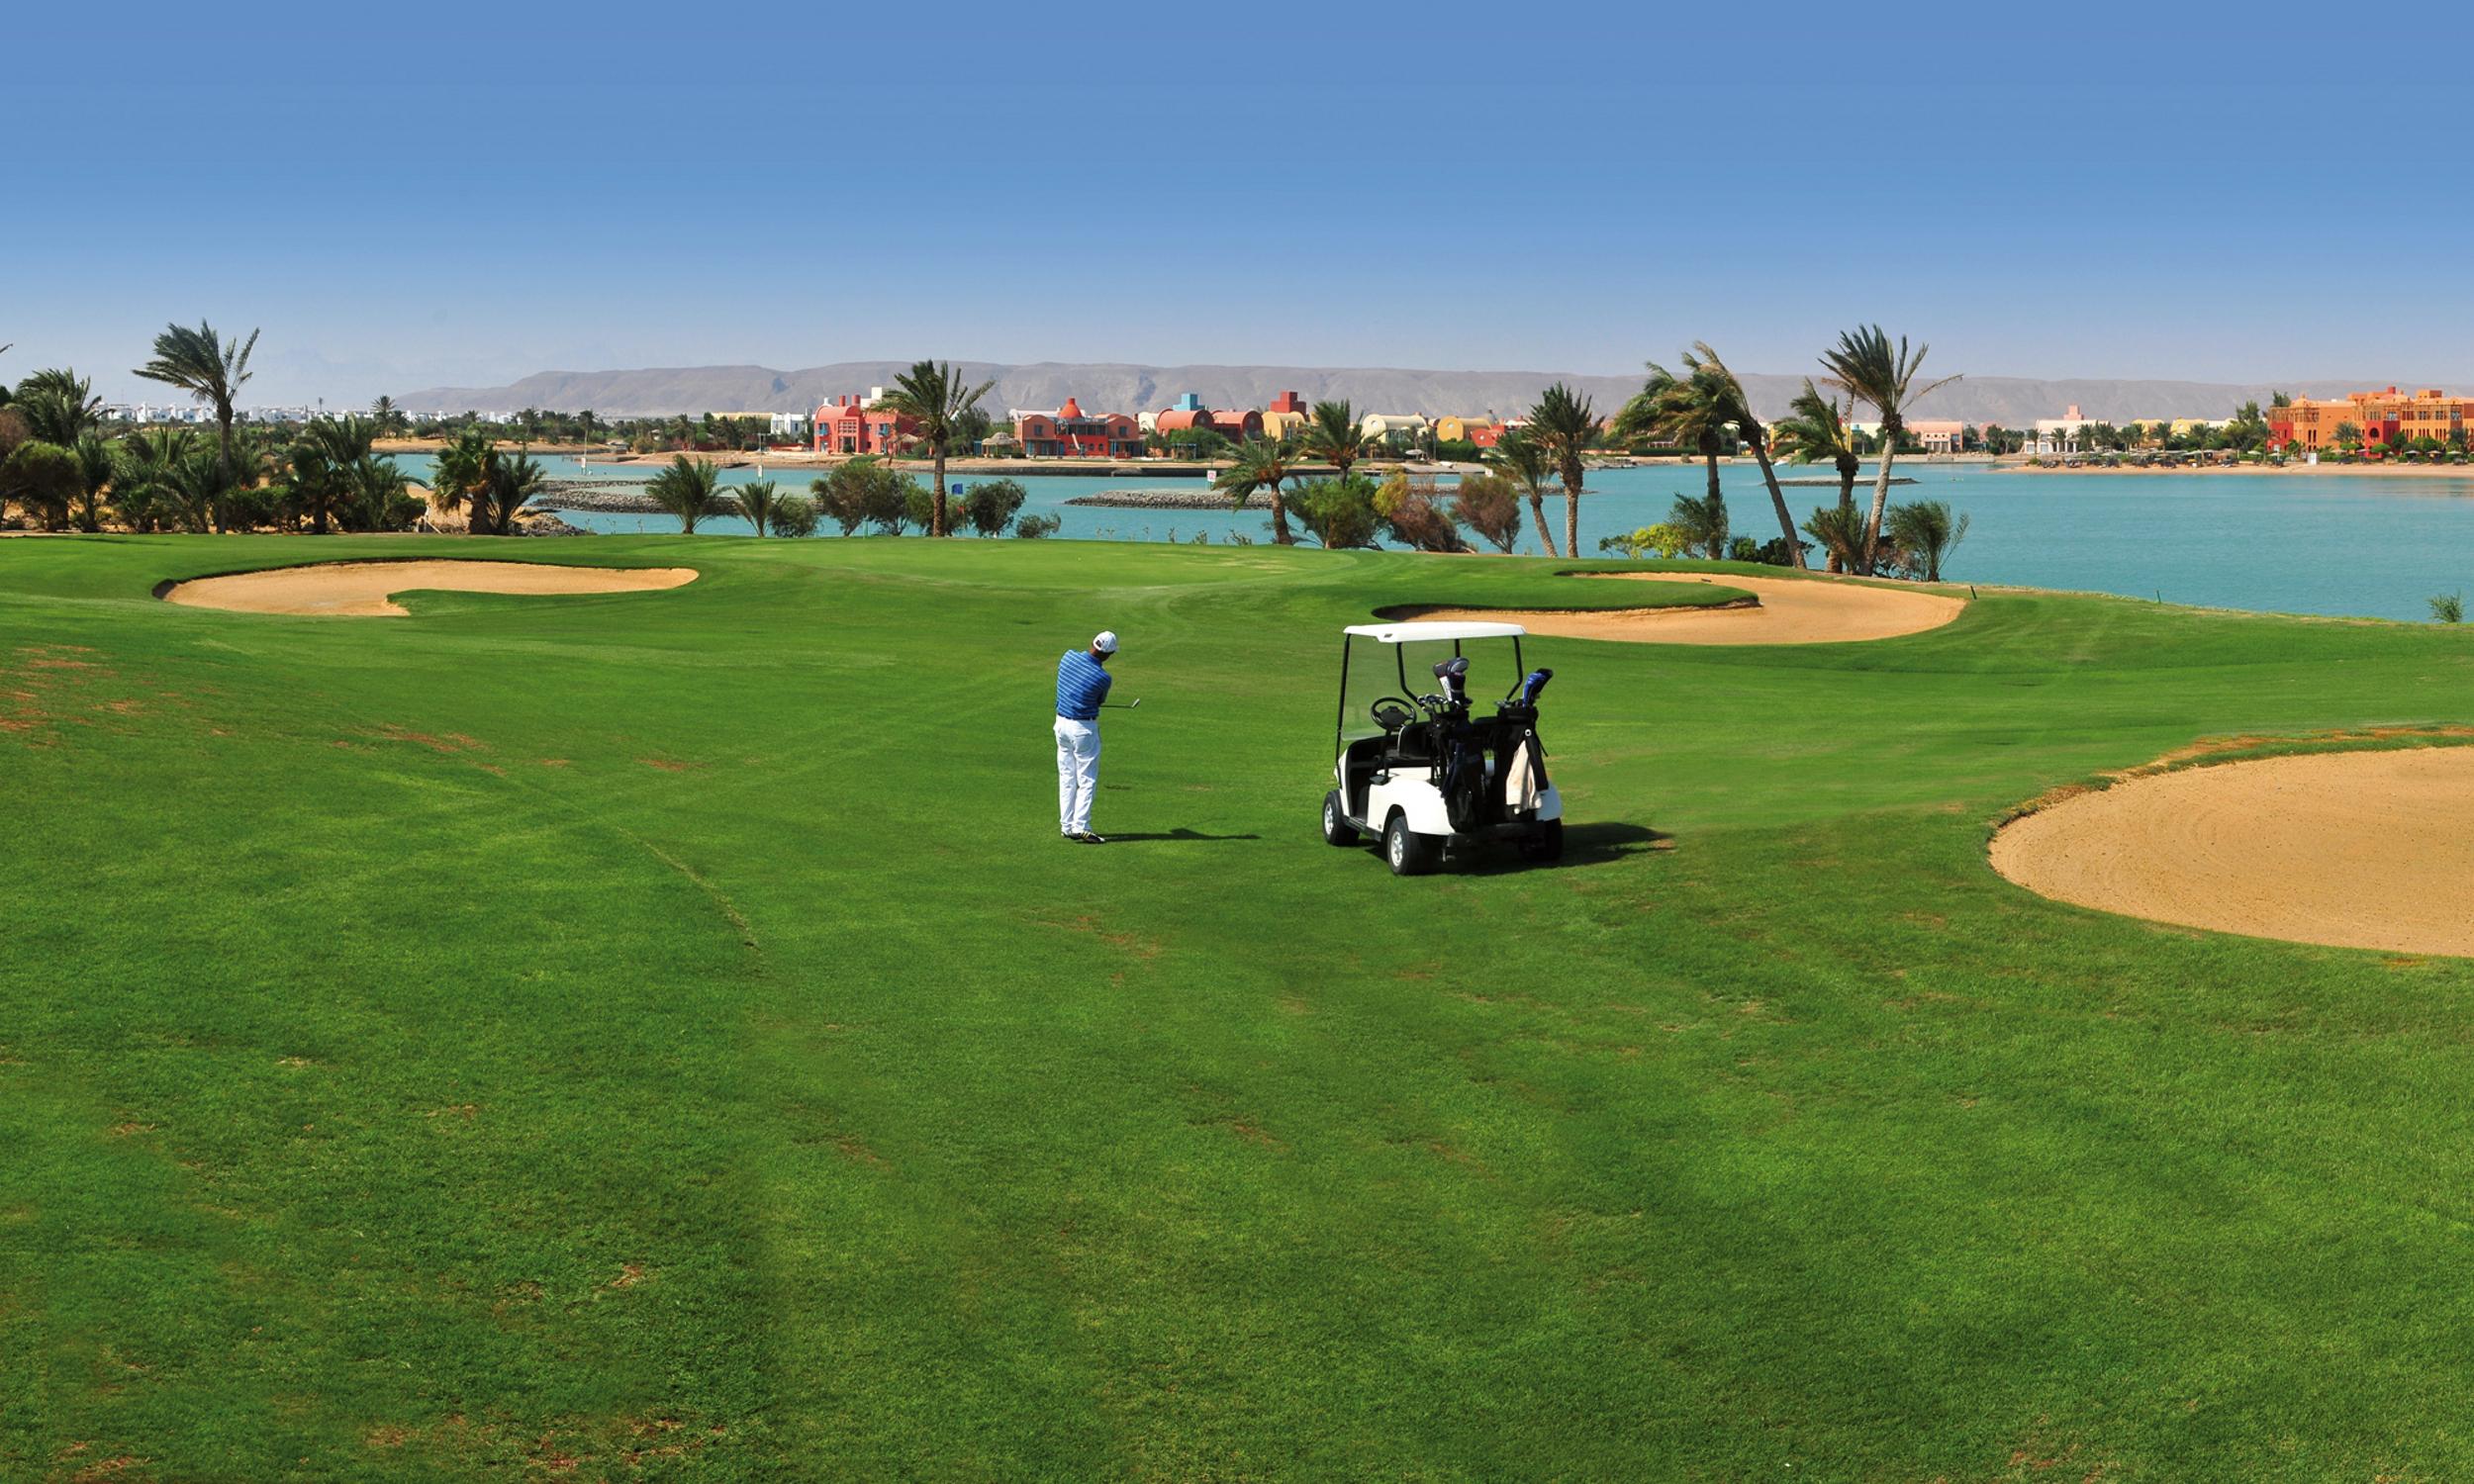 flugb rse reiseb ro fulda steigenberger golf resort. Black Bedroom Furniture Sets. Home Design Ideas